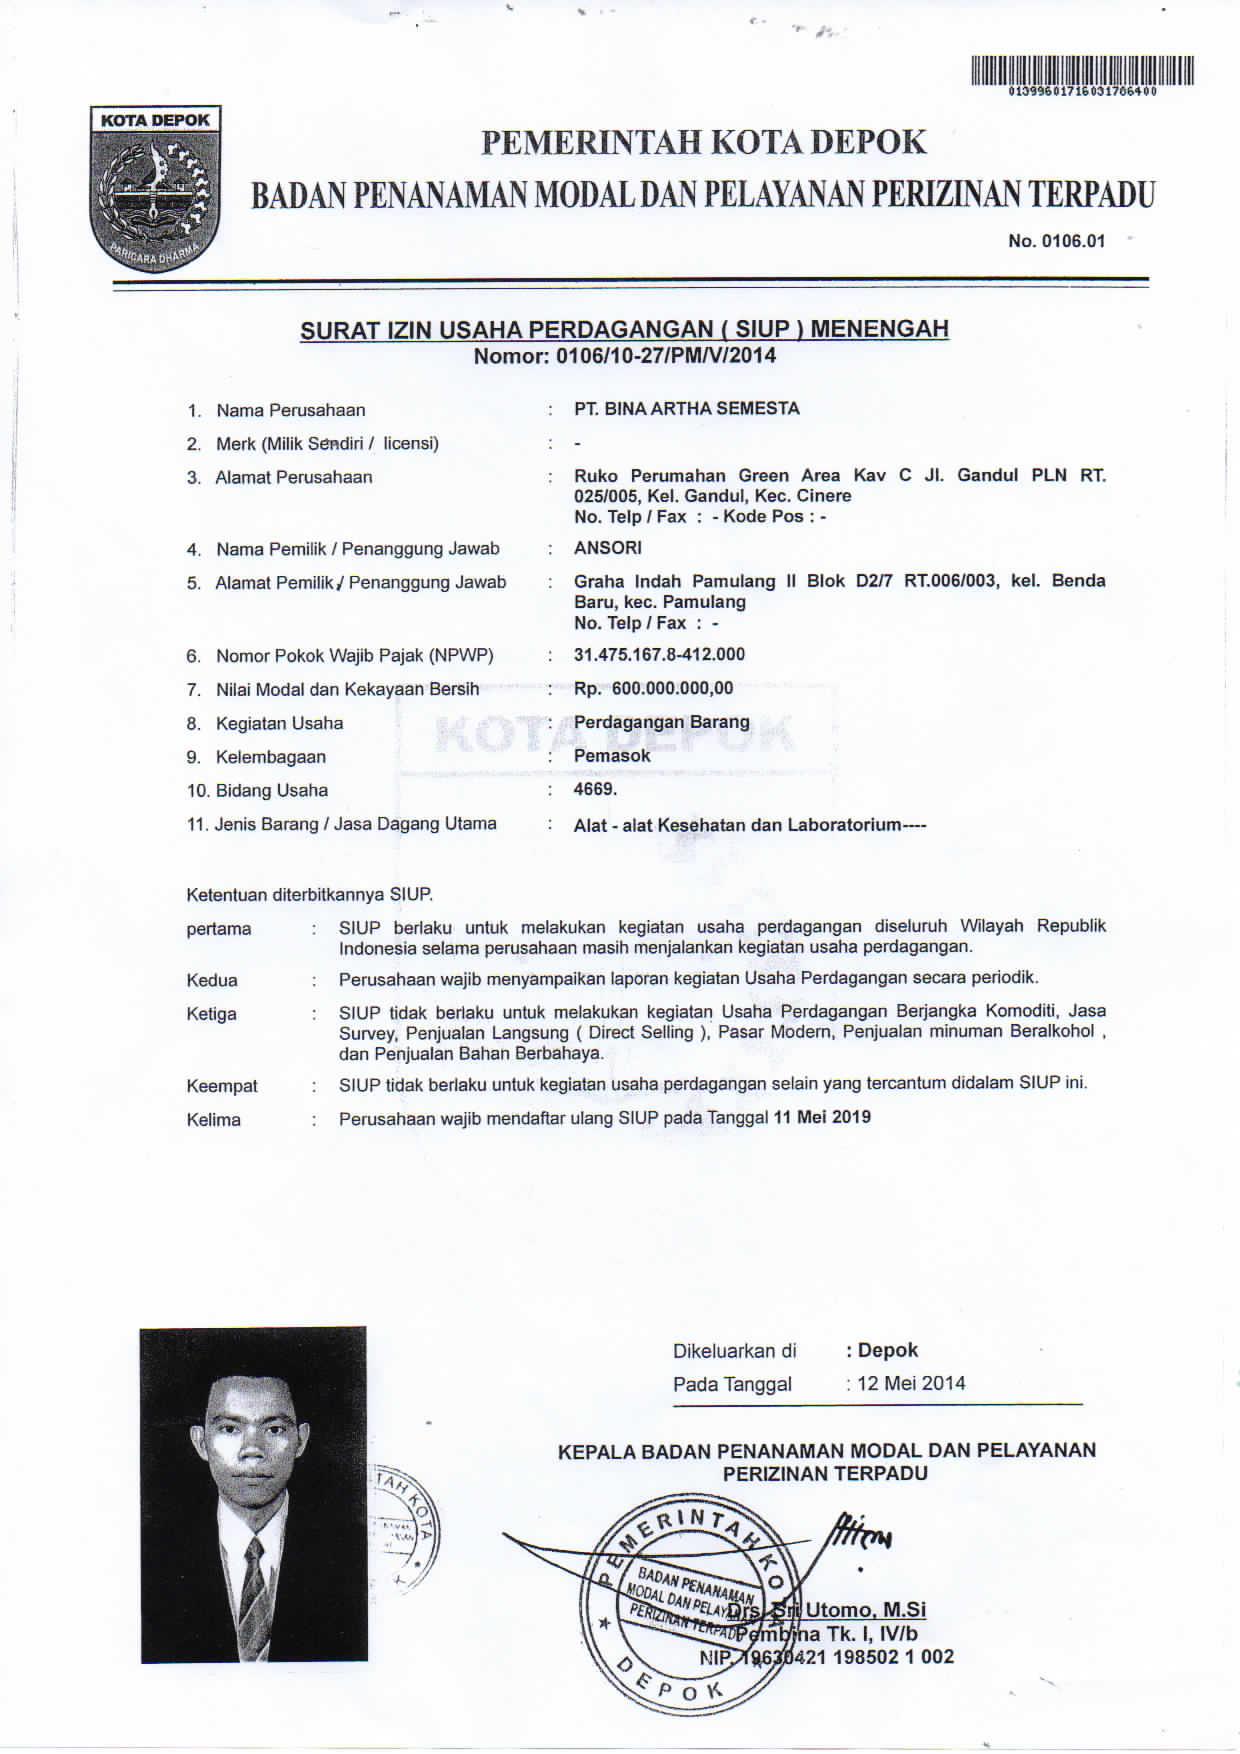 Surat Ijin Usaha Pt Bina Artha Semesta